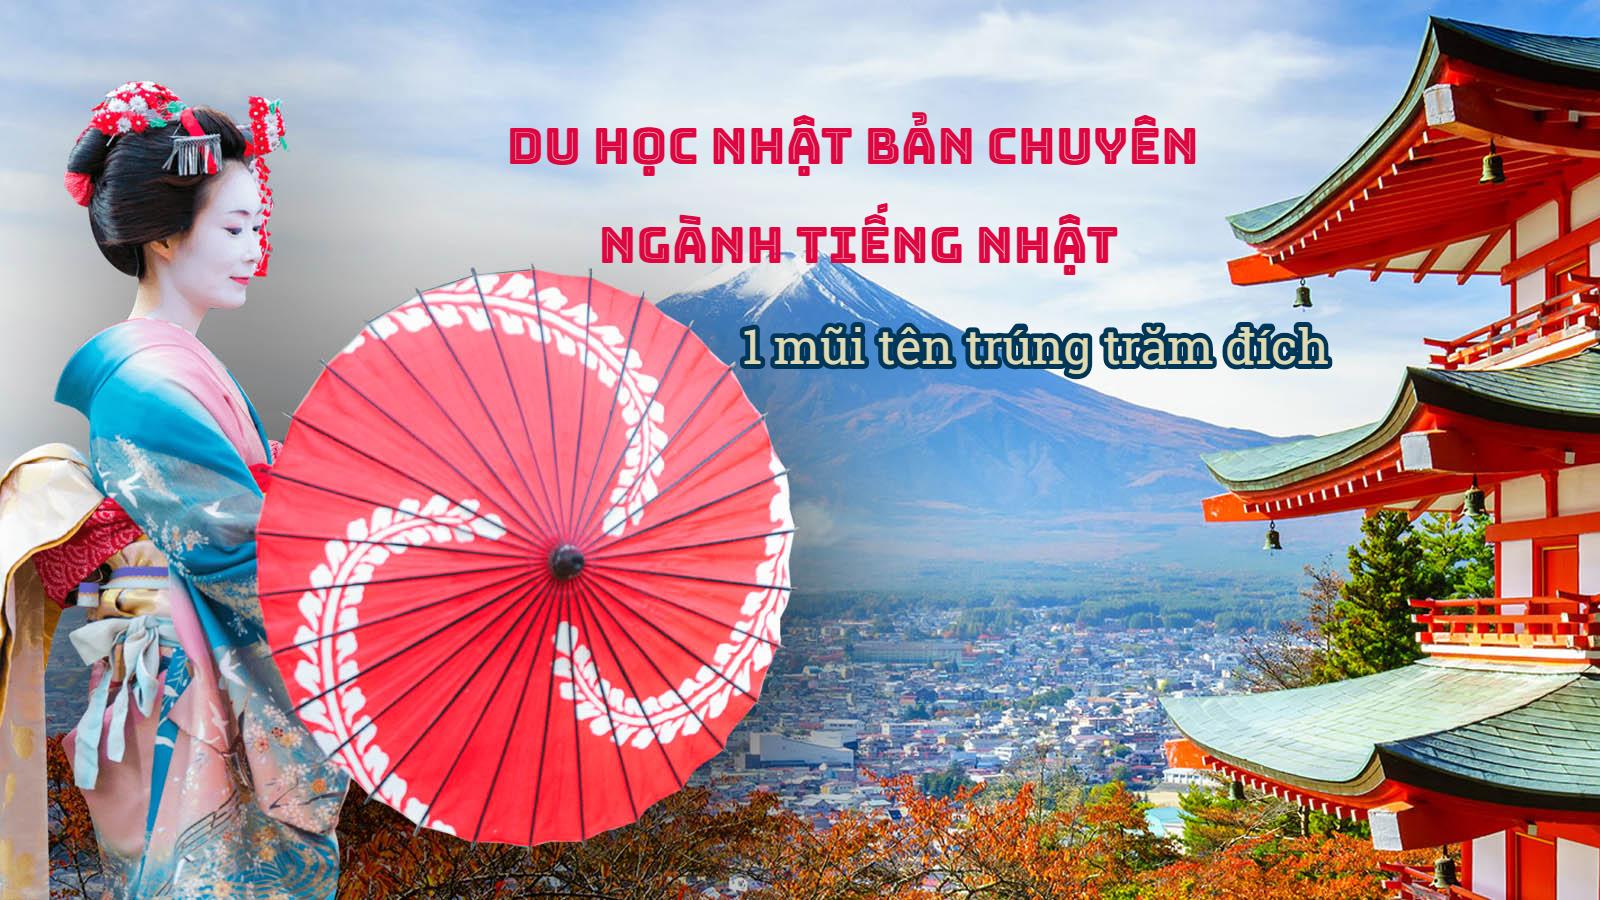 Du học Nhật Bản chuyên ngành tiếng Nhật: 1 mũi tên trúng trăm đích